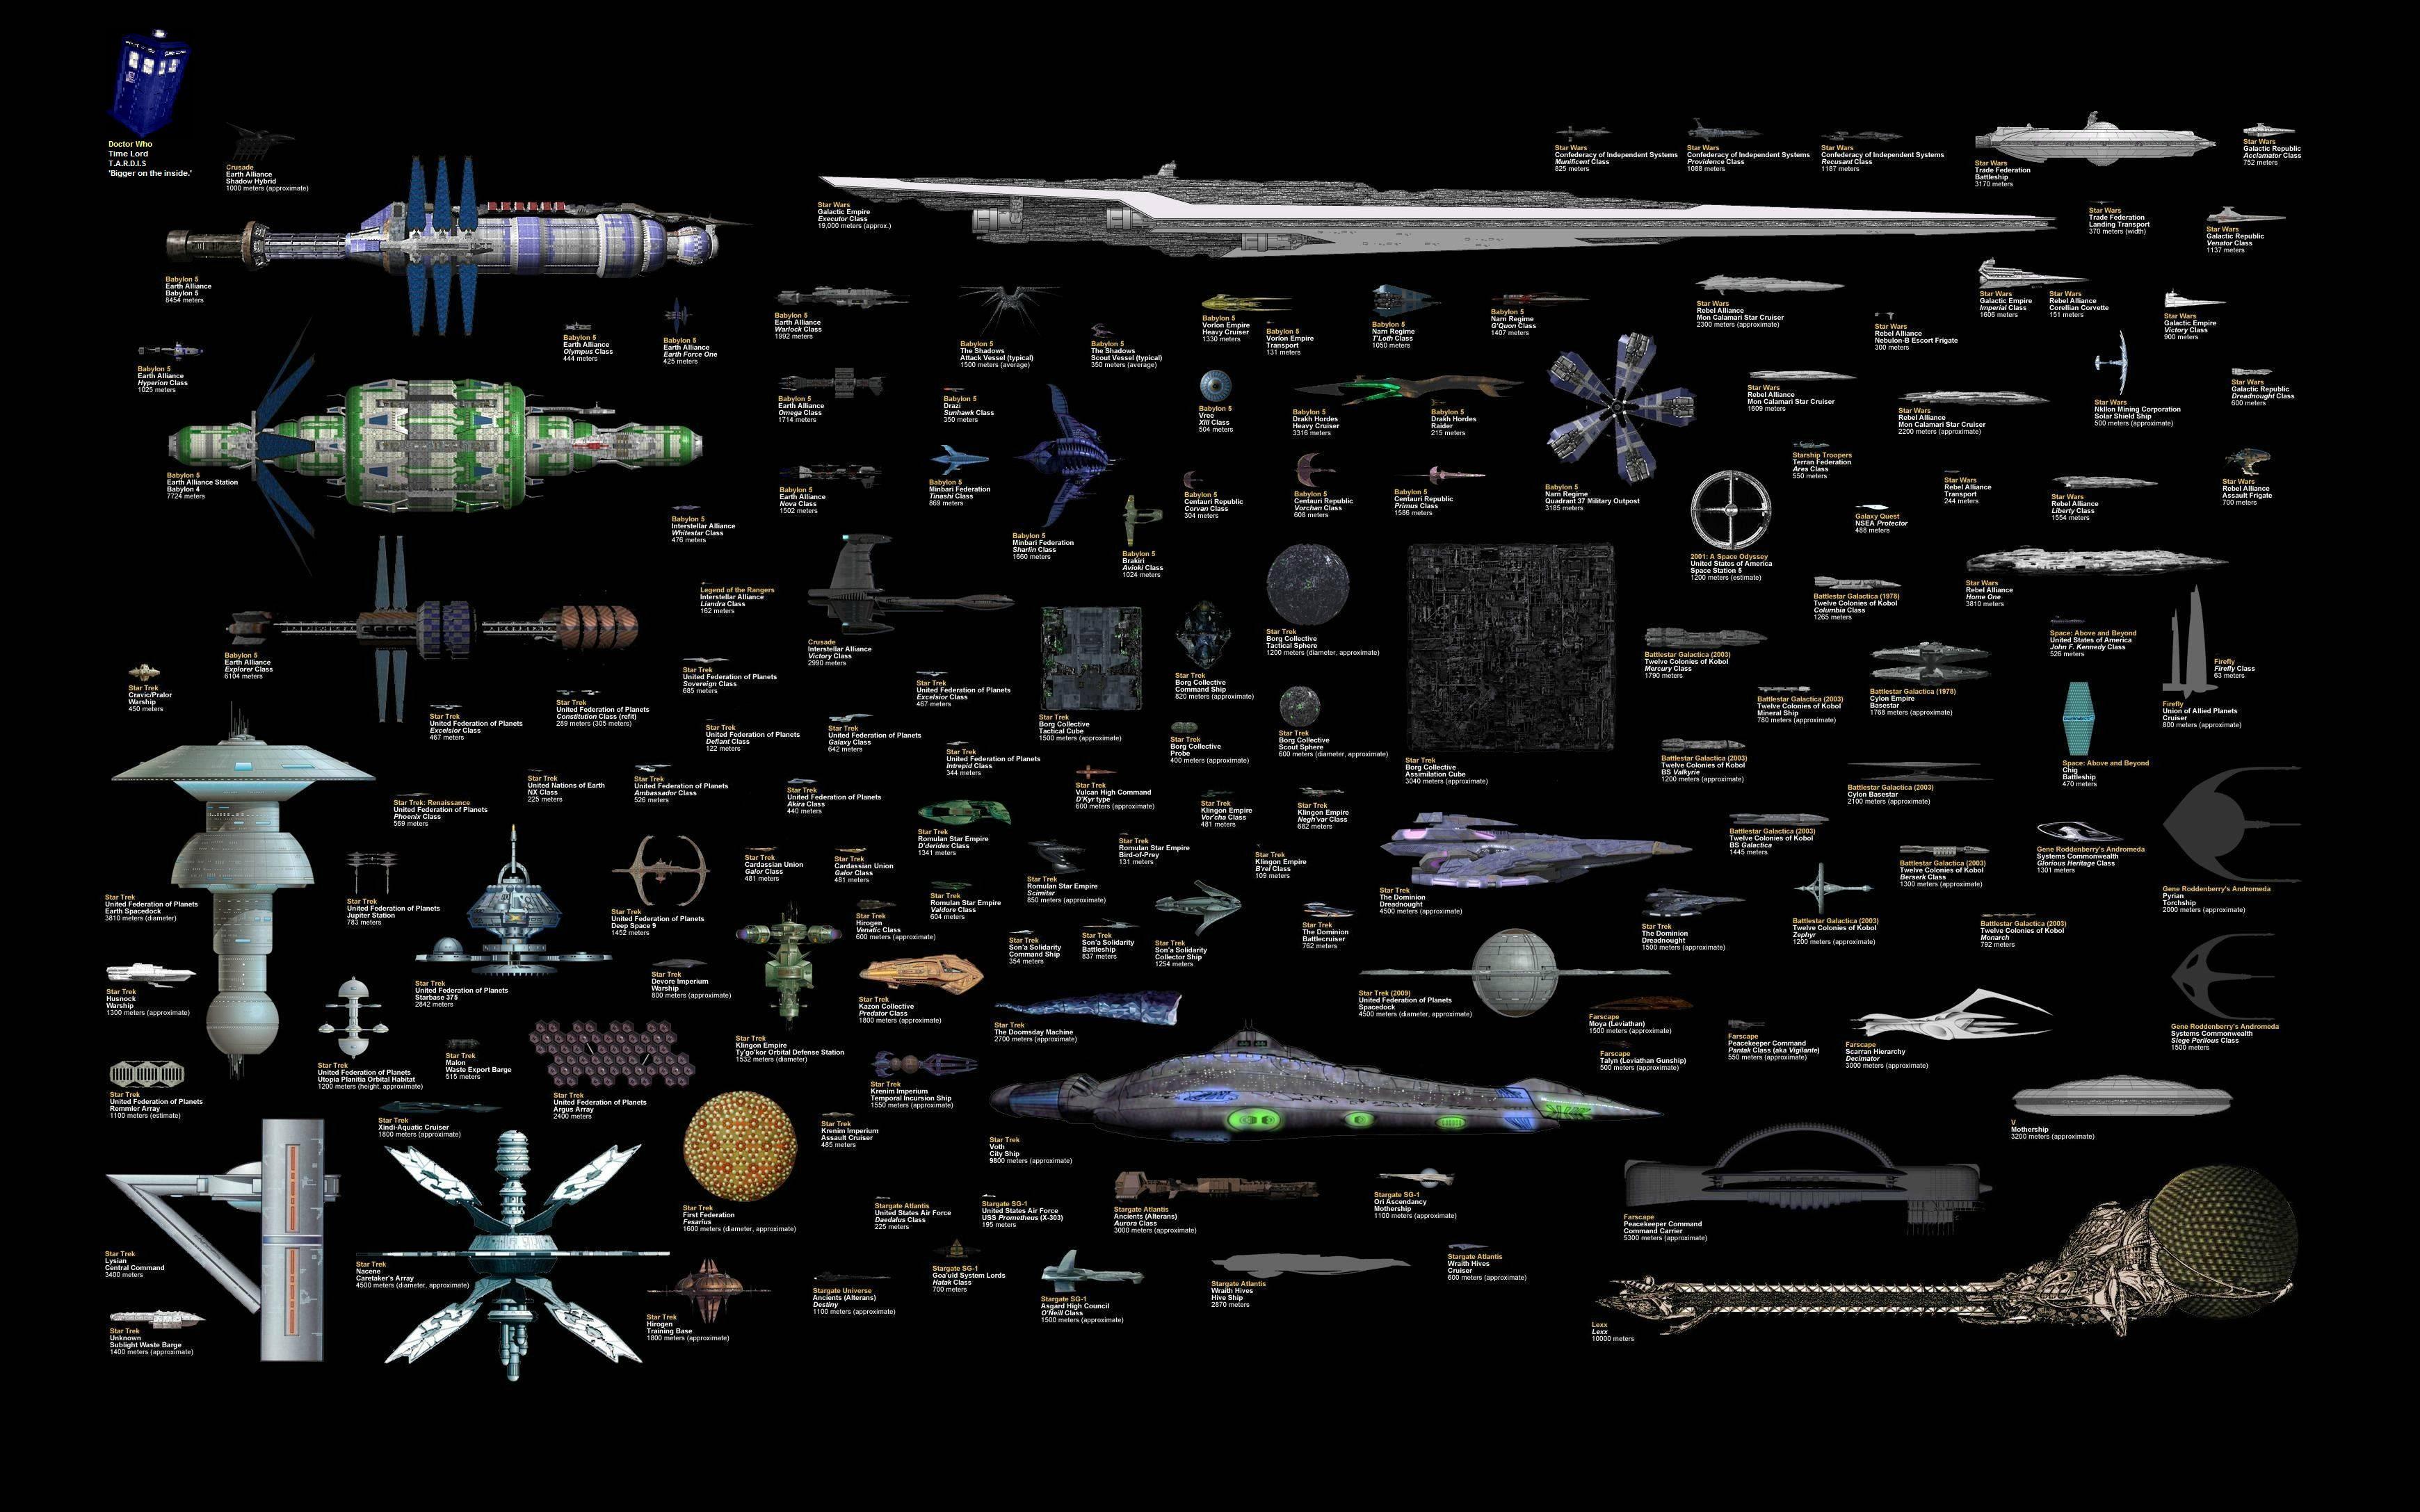 star wars star trek stargate firefly battlestar andromeda spaceships 3480x2175